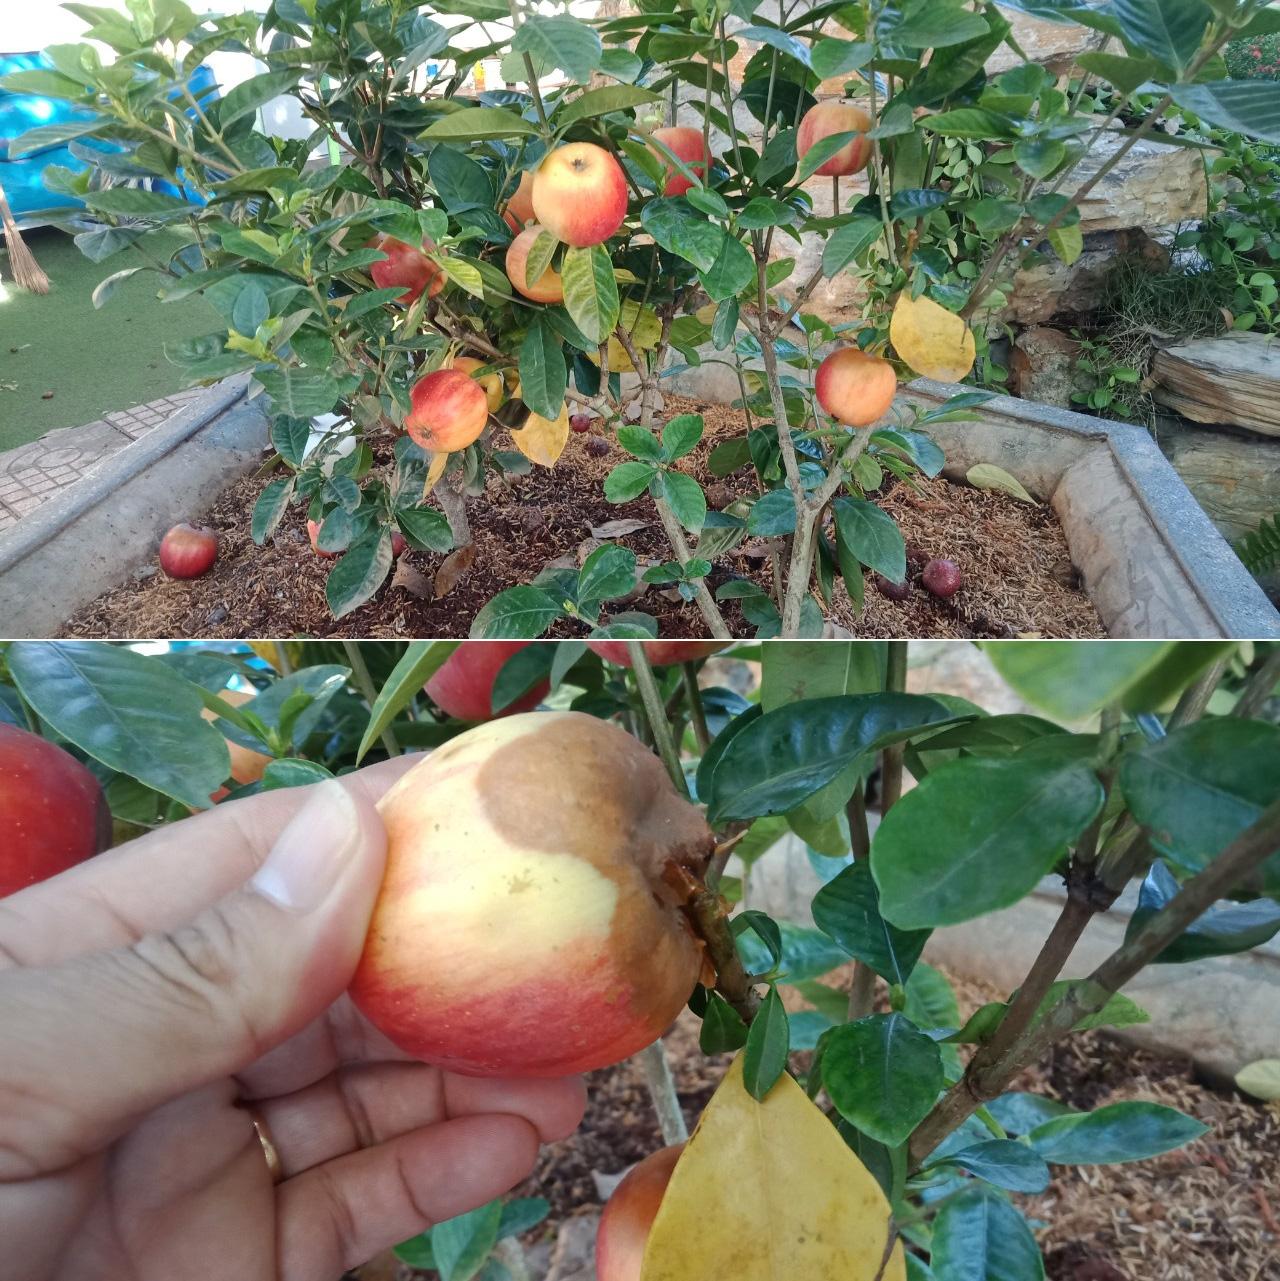 Bà Rịa-Vũng Tàu: Cảnh báo thủ đoạn bán cây cảnh rởm, mua cây táo trái ra quá trời và cái kết sững sờ - Ảnh 1.